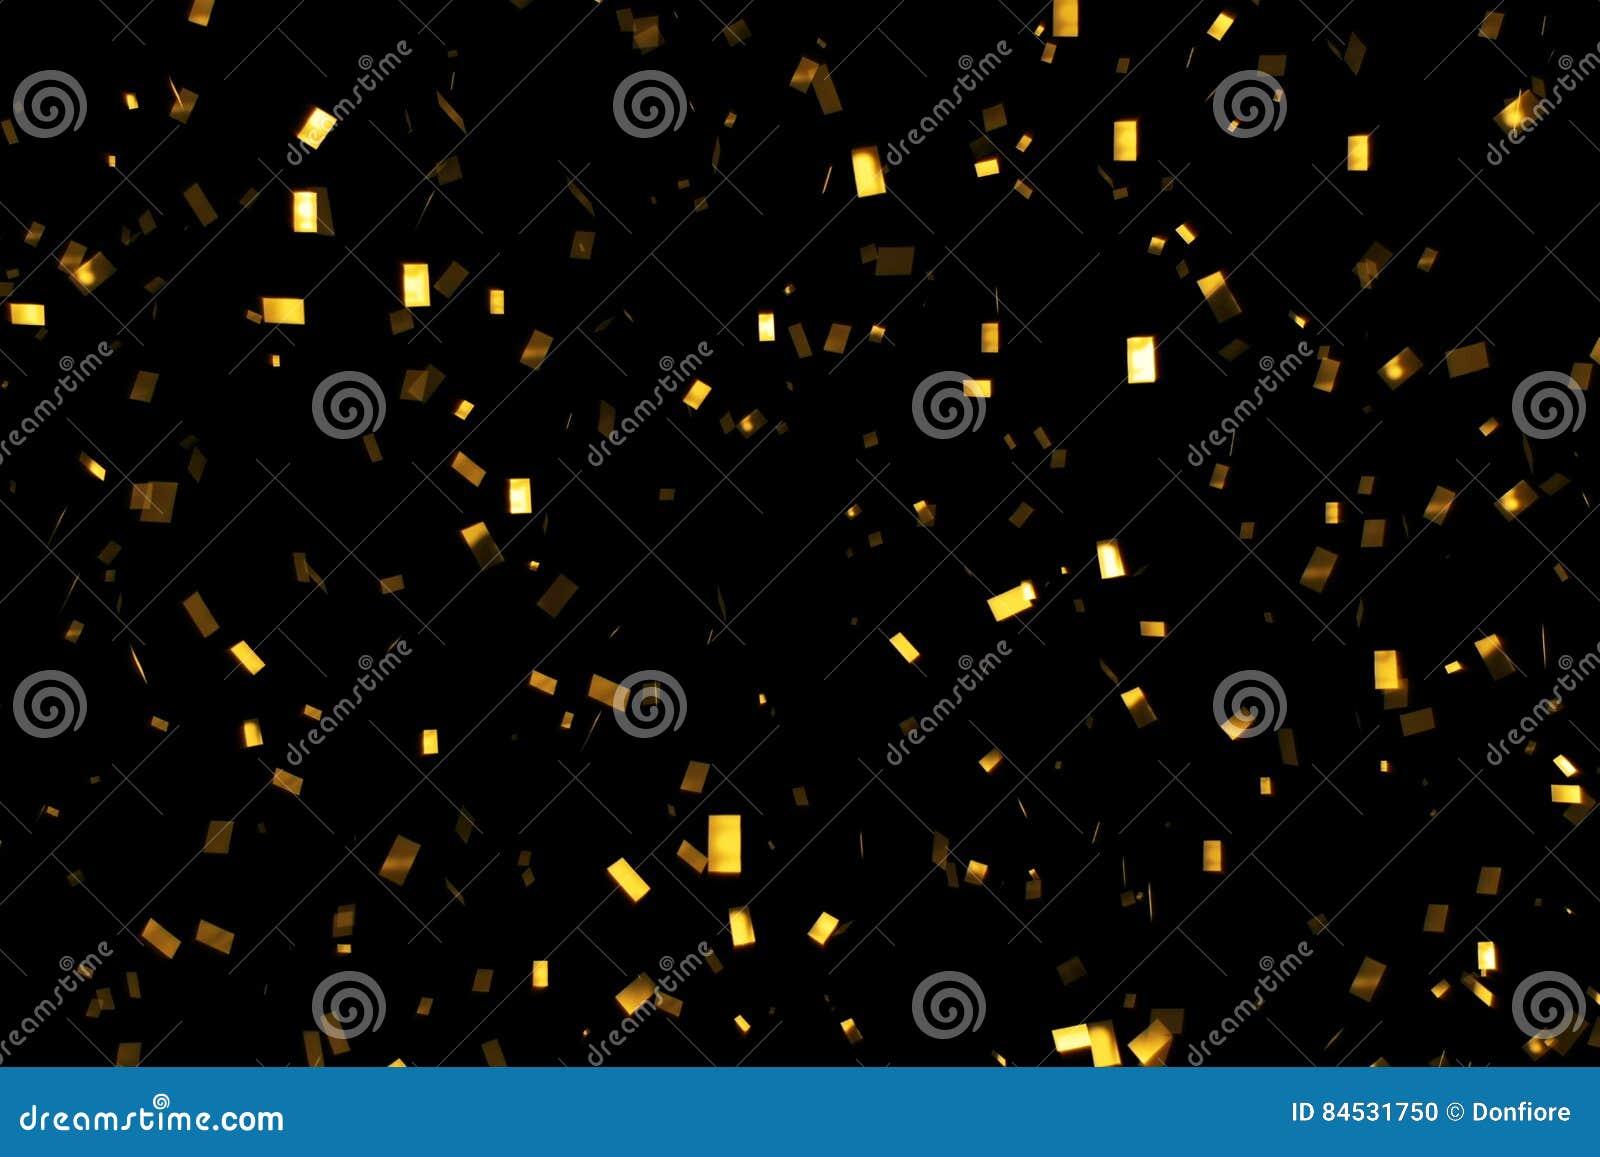 O brilho de queda do ouro foil confetes, no fundo preto, no feriado e no divertimento festivo